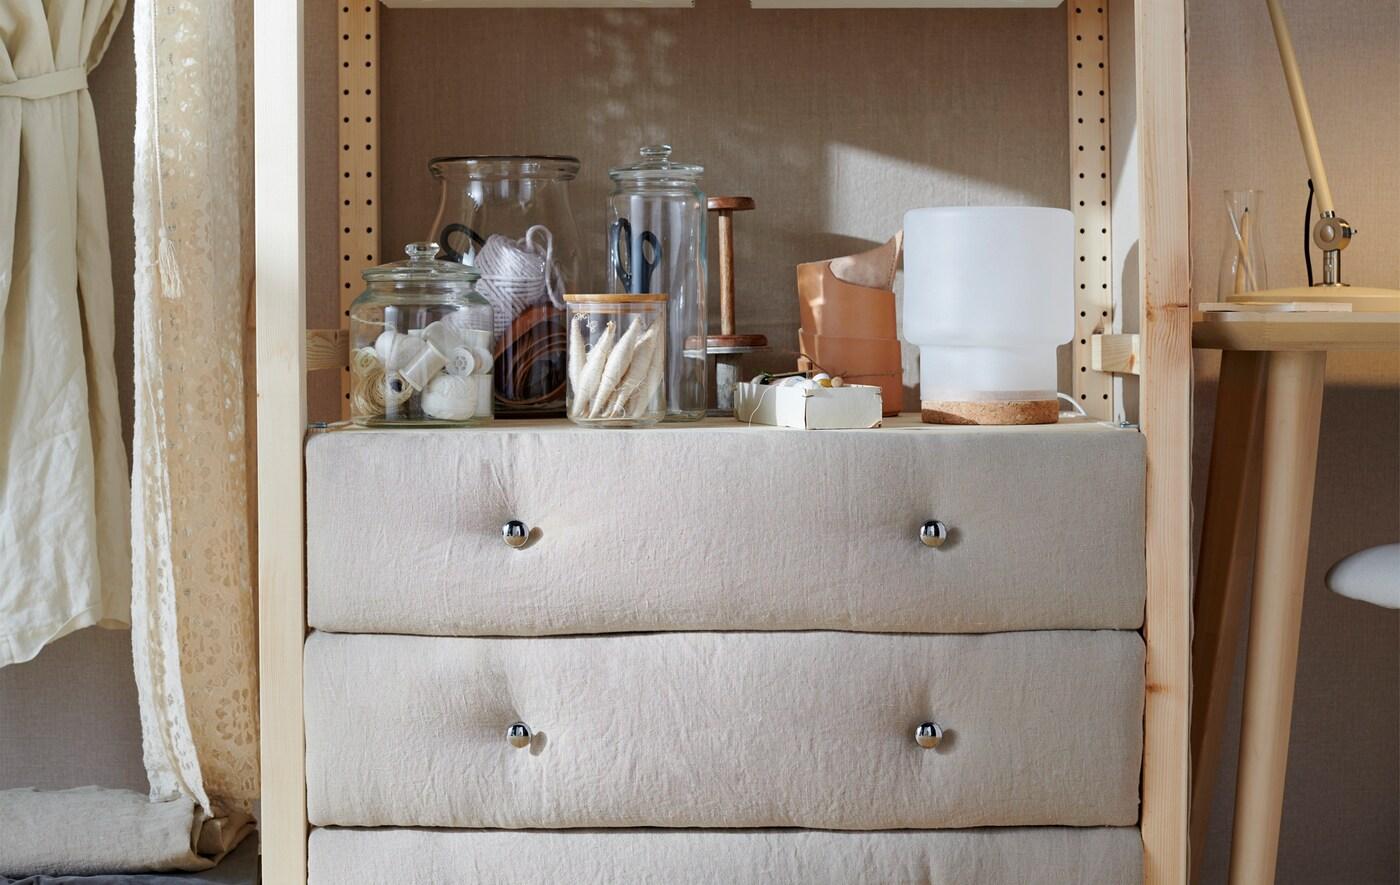 Unha cómoda IKEA IVAR de tres caixóns forrados con tecido na parte frontal. Útiles de costura metidos en tarros decoran a parte superior.